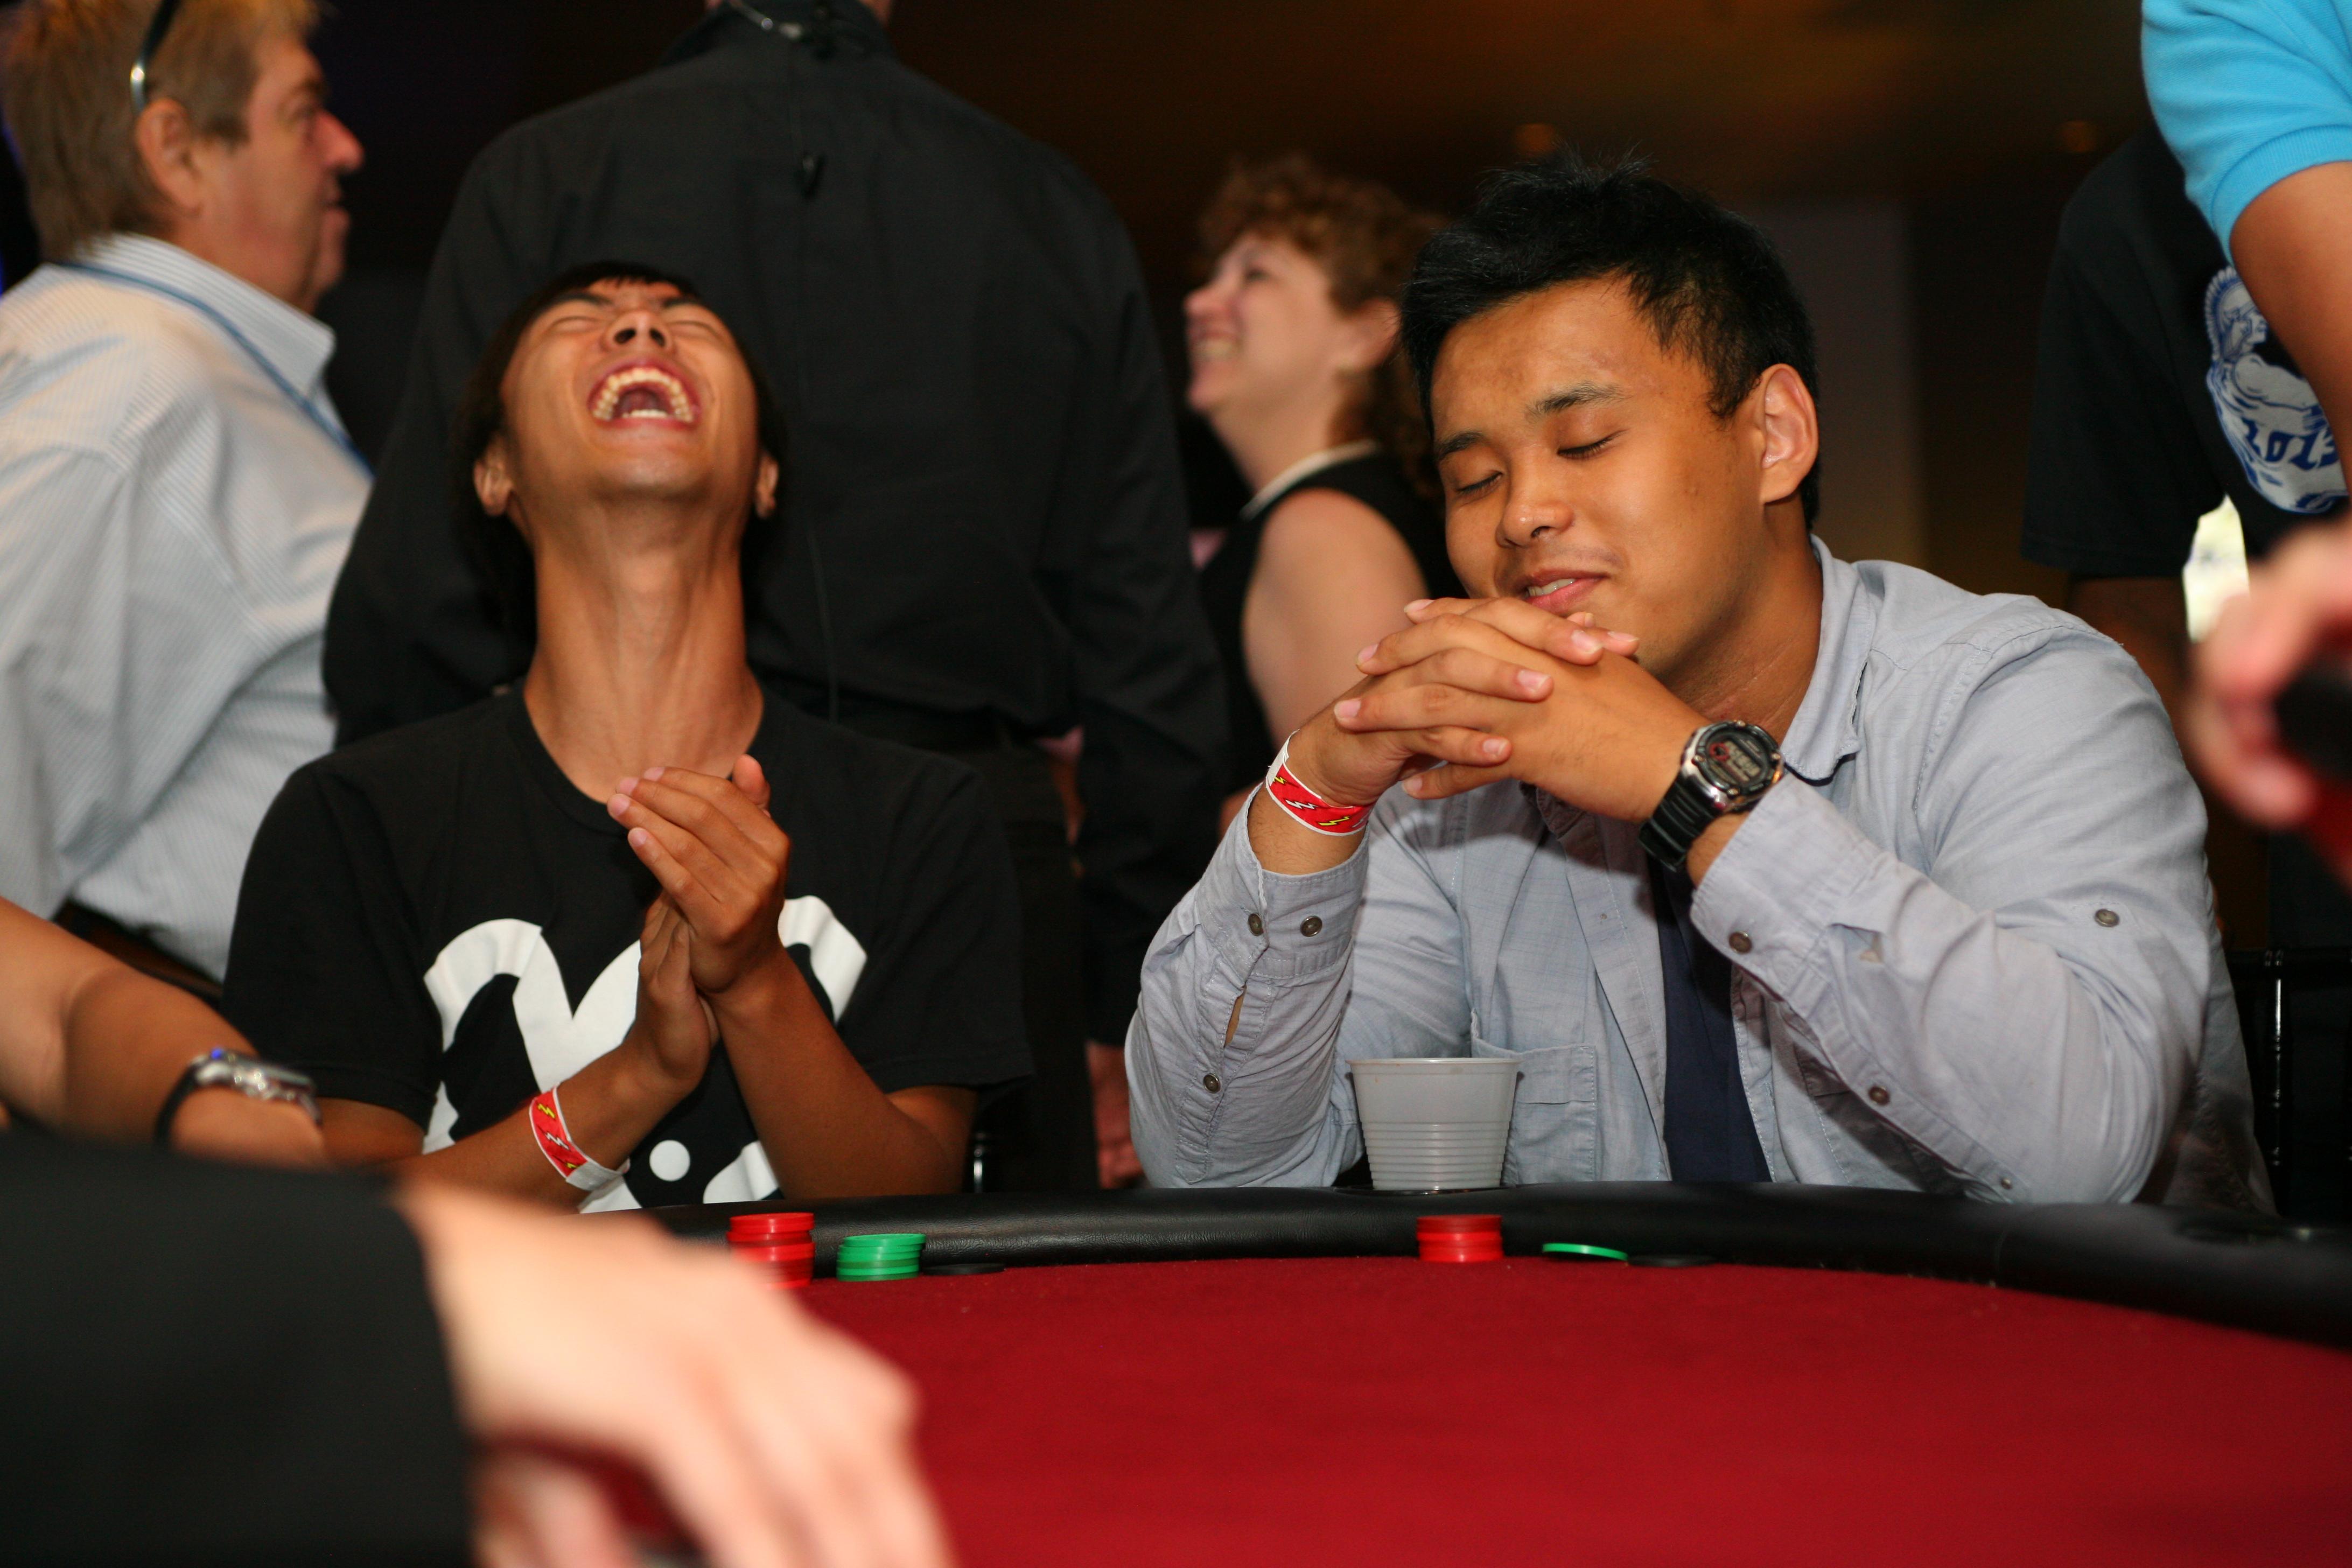 High School Casino night NJ